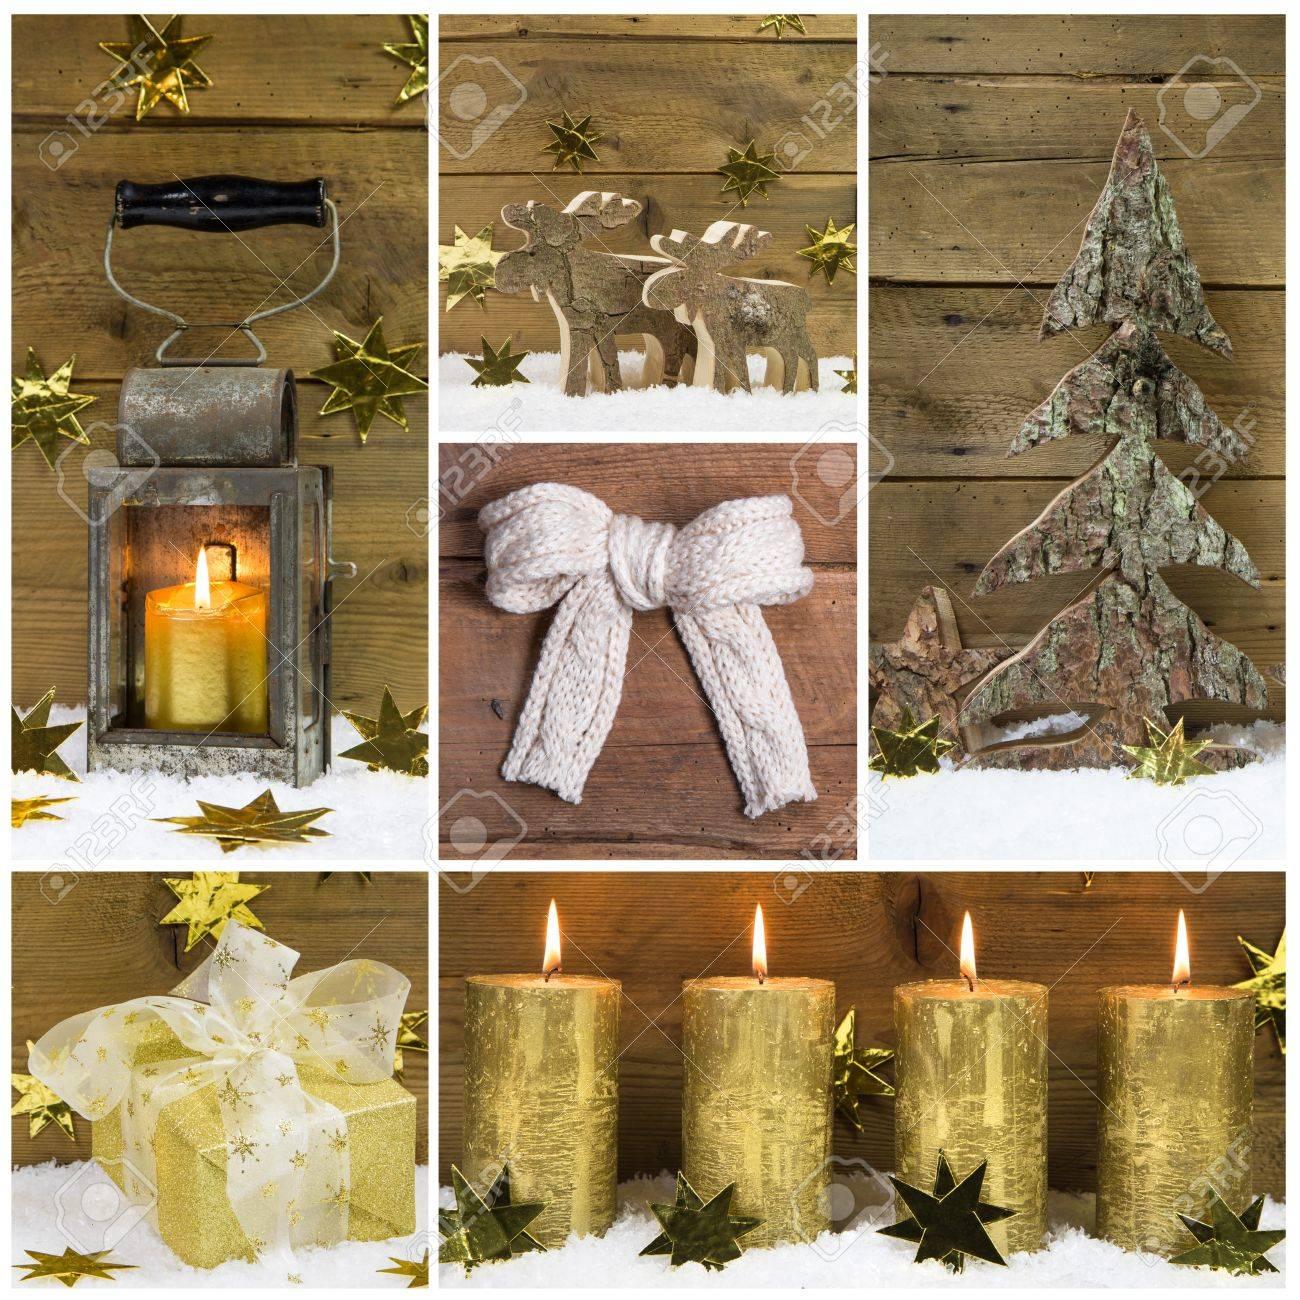 Elegant Natürliche Weihnachtsdekoration Mit Holz, Schnee Und Goldene Objekte.  Standard Bild   30540038